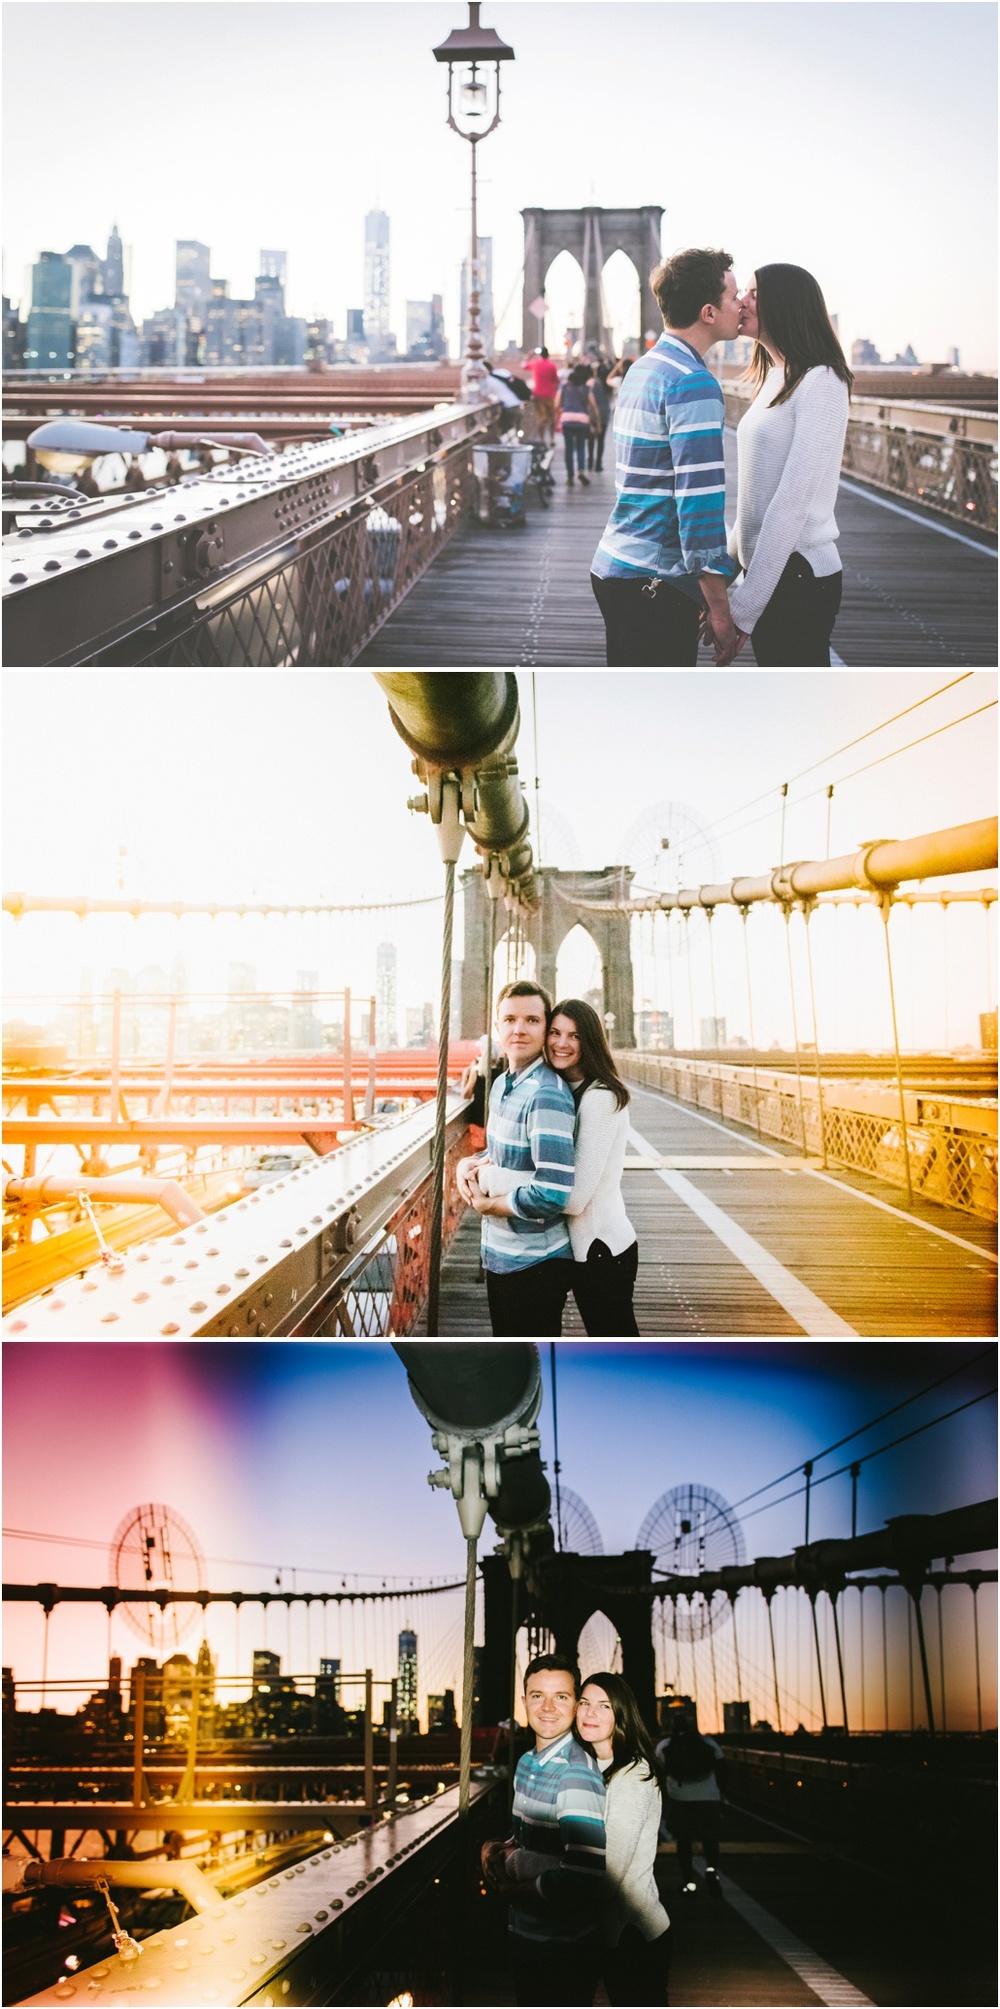 2015-10-21_0004.jpg